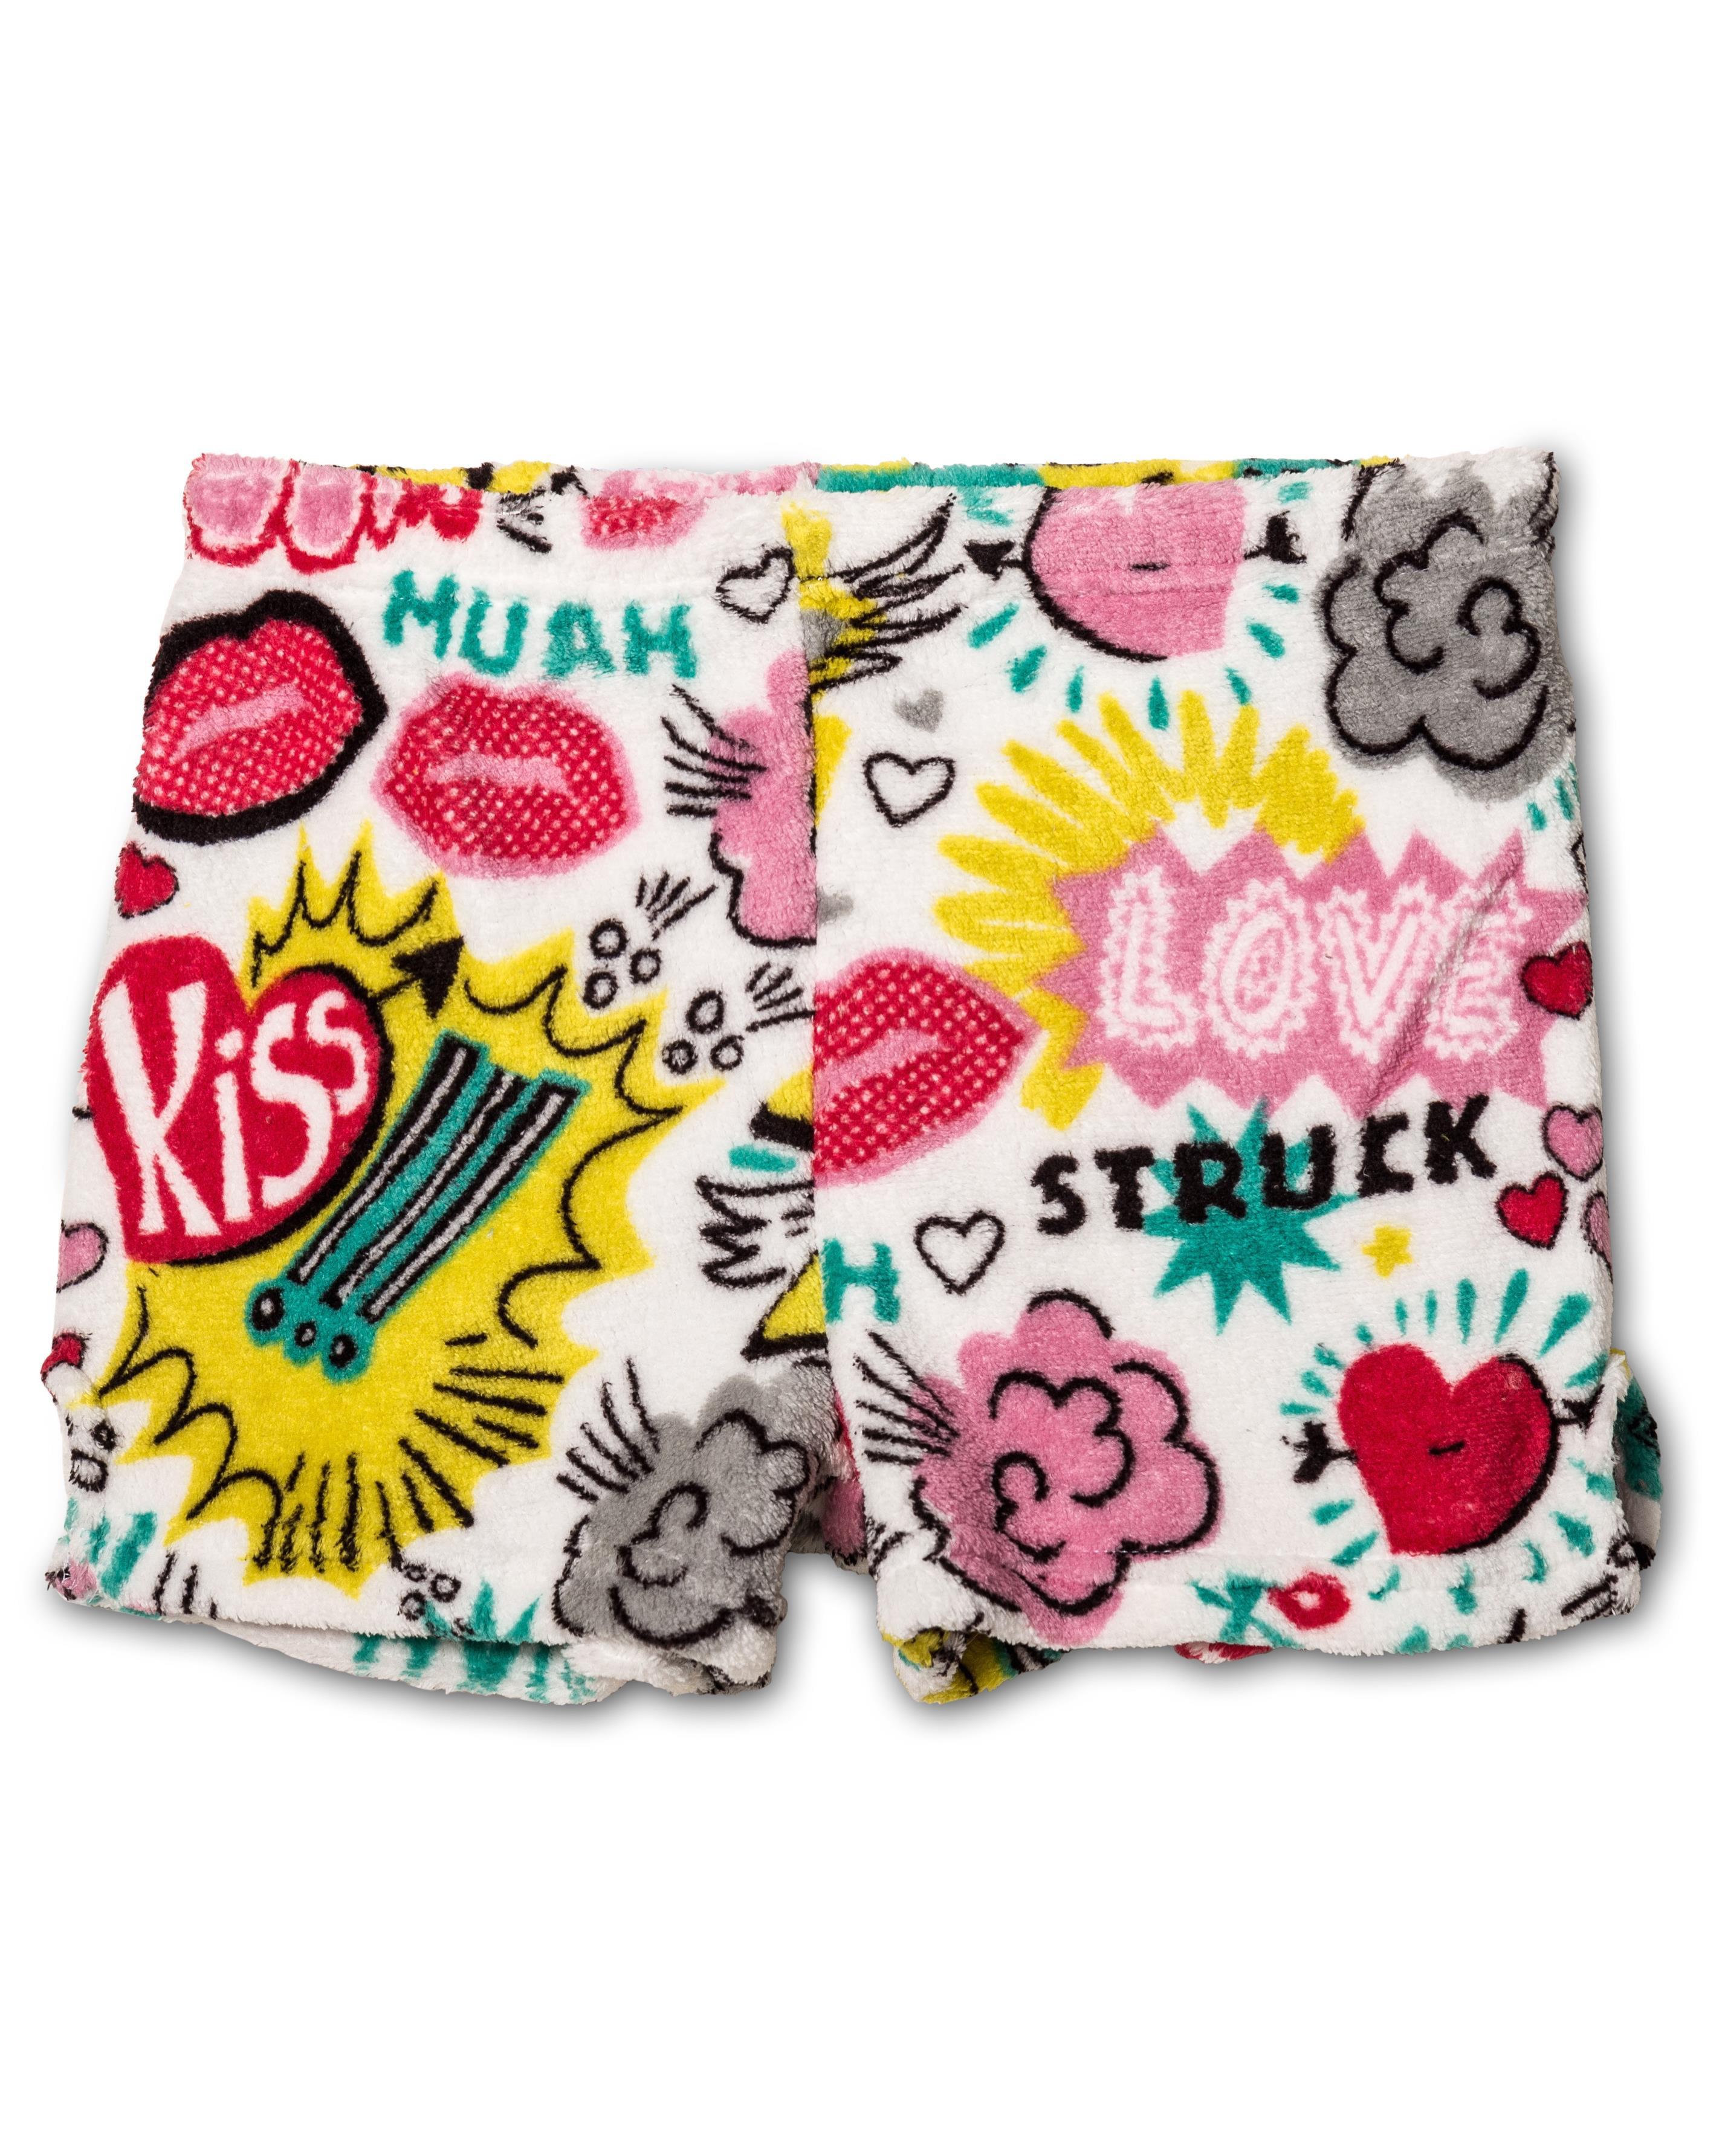 Up Past 8 Plush Pajamas shorts for Girls, XOX, Size: 7